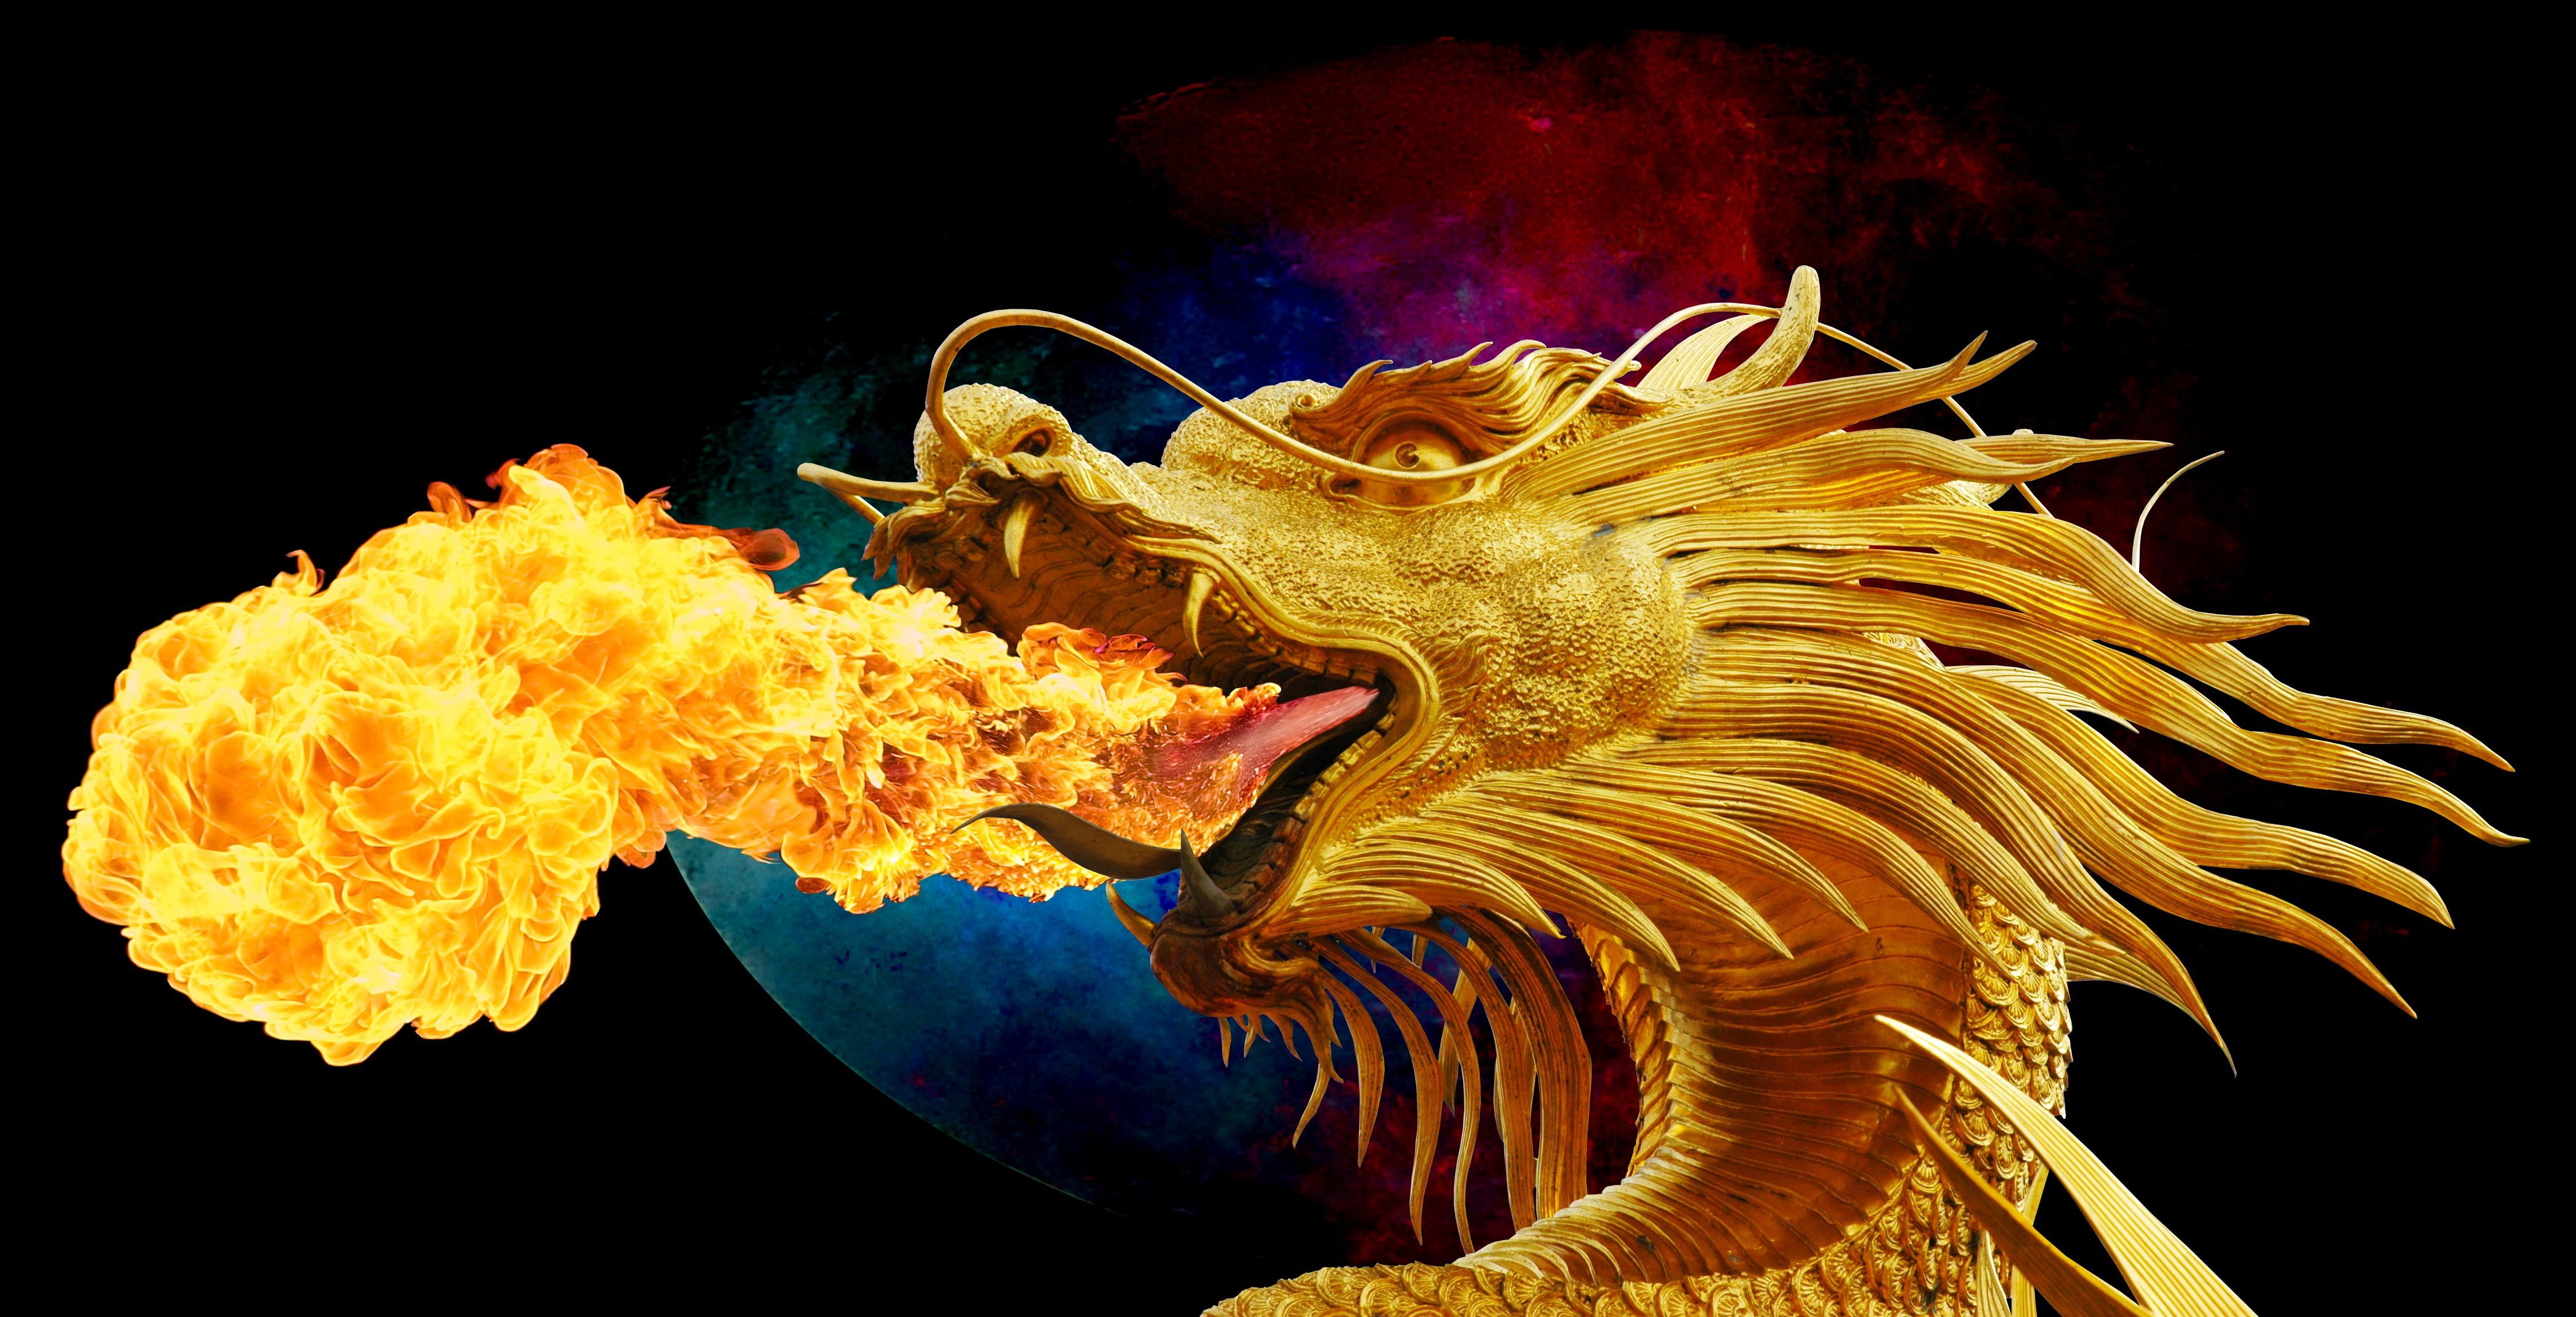 кислого картинки огня из пасти дракона легче